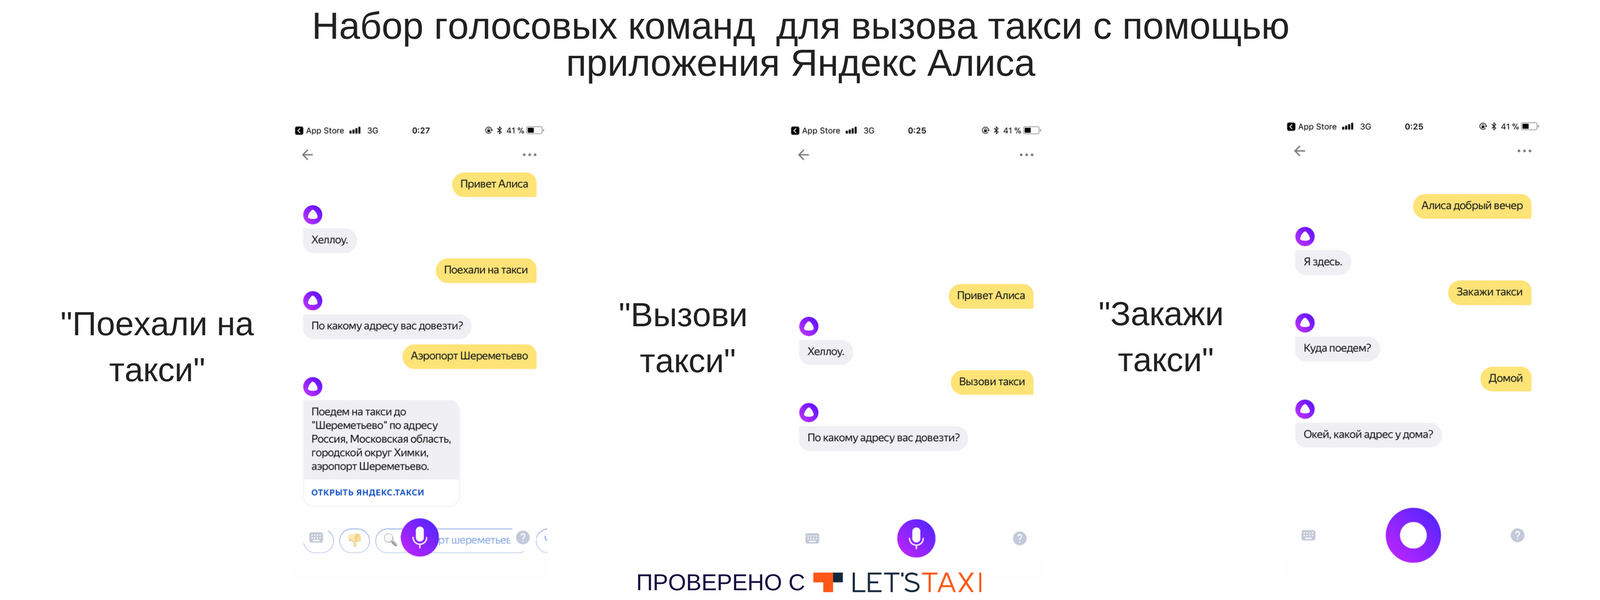 Яндекс Алиса вызывает такси